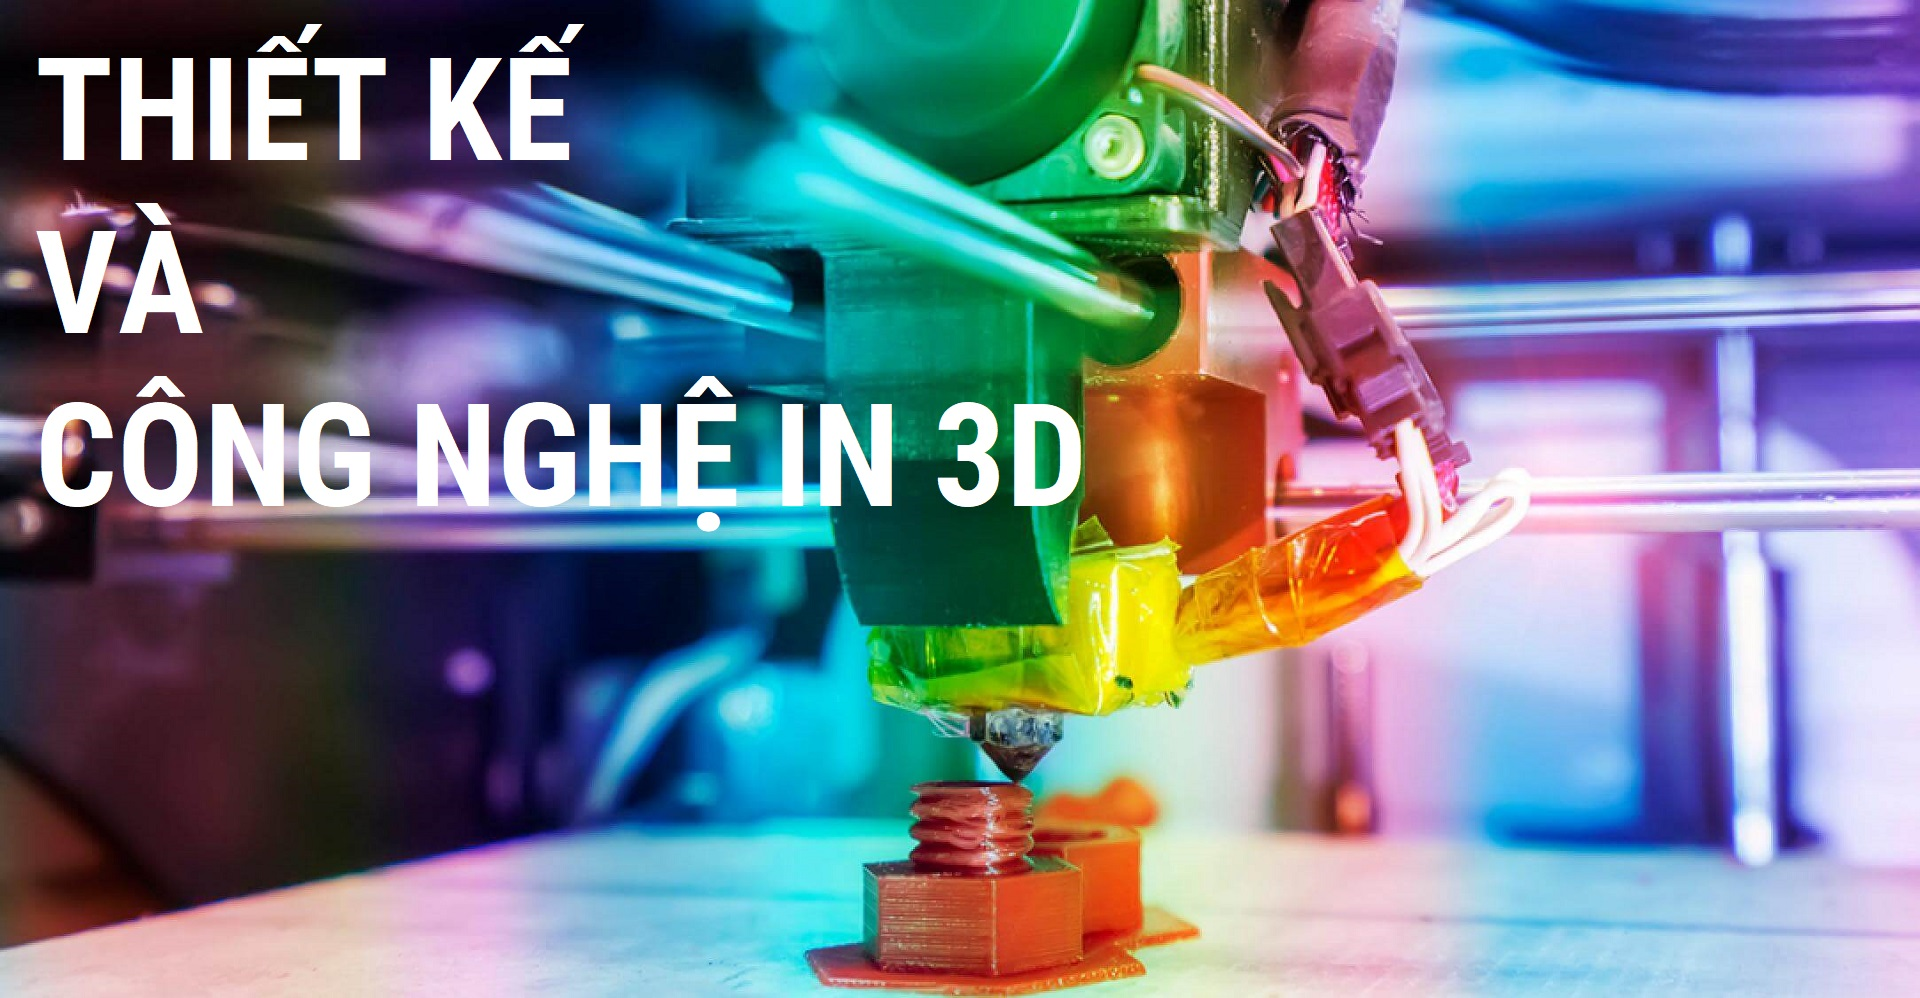 THIẾT KẾ & CÔNG NGHỆ IN 3D